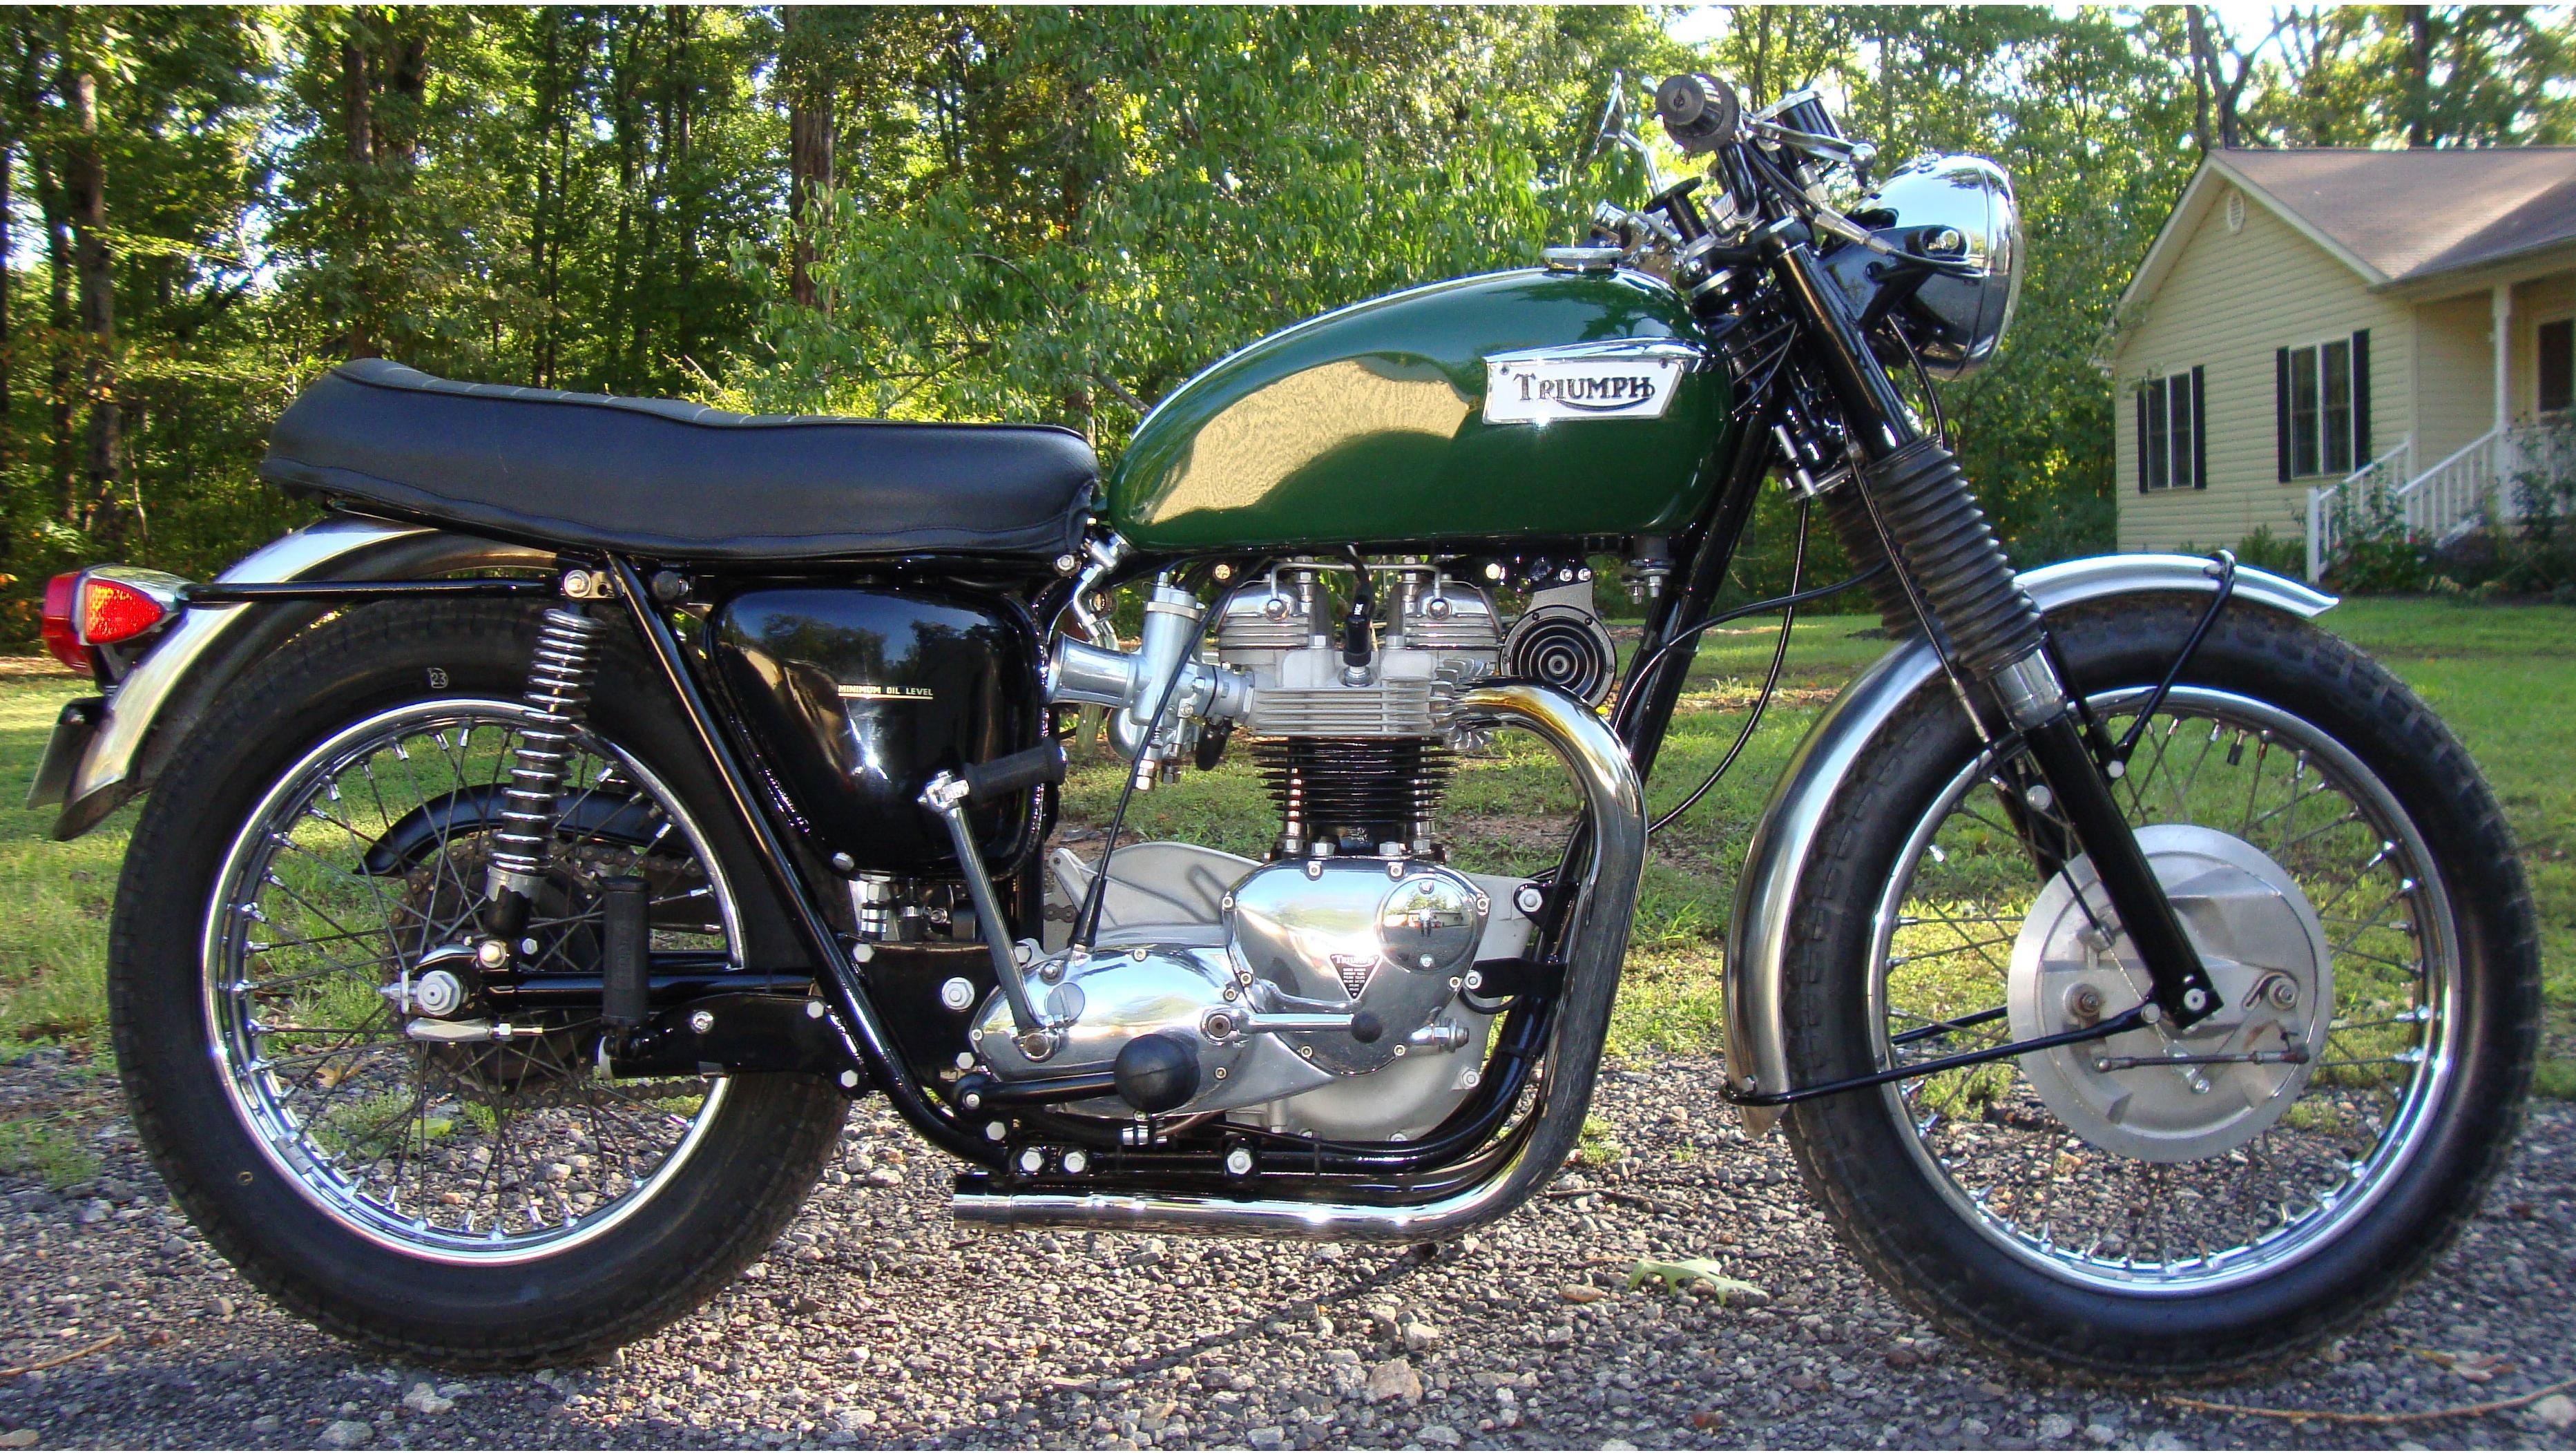 1976 Triumph Tr6 Wiring Diagram. Gandul. 45.77.79.119